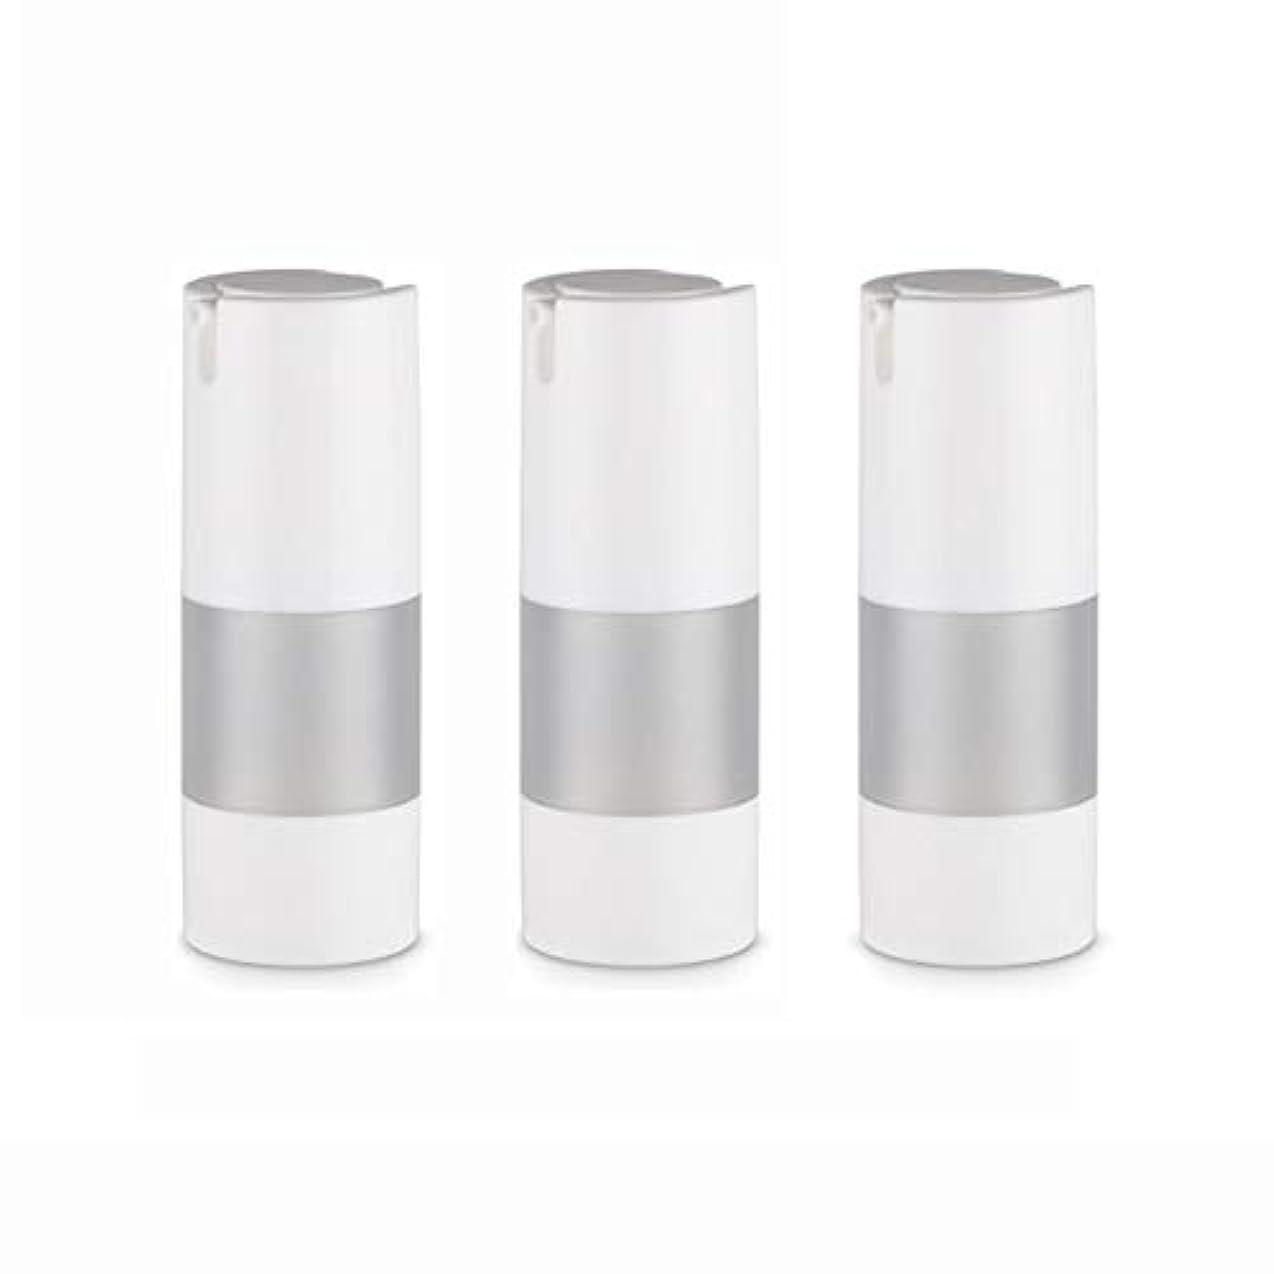 破滅的な会話最も早い小分けボトル 乳液 3本セット ディスペンサー ボトル シャンプー ボディーソープ ポンプボトル 真空 ボトル 詰替用ボトル 旅行用 (乳液15ml)